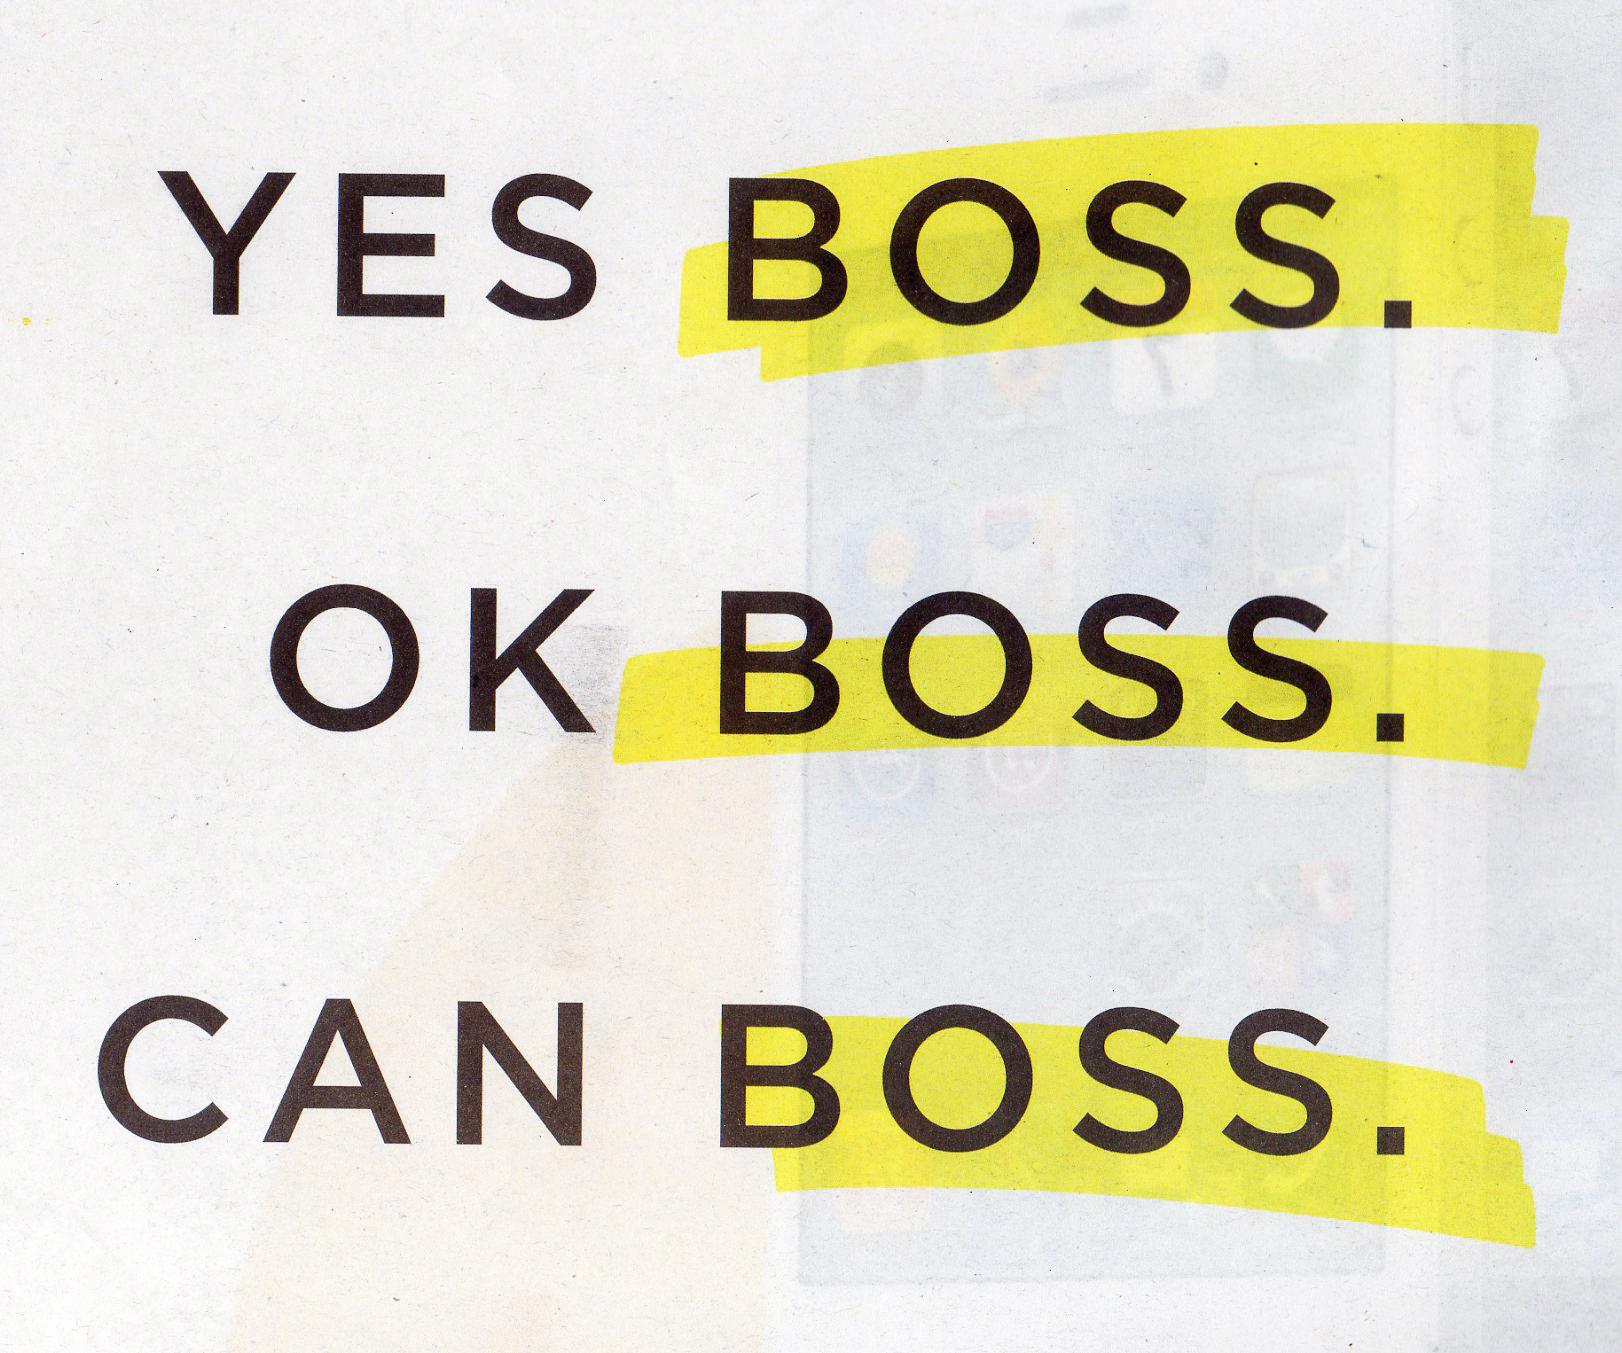 Arleneanddenniswordpresscom yes boss ok boss can boss